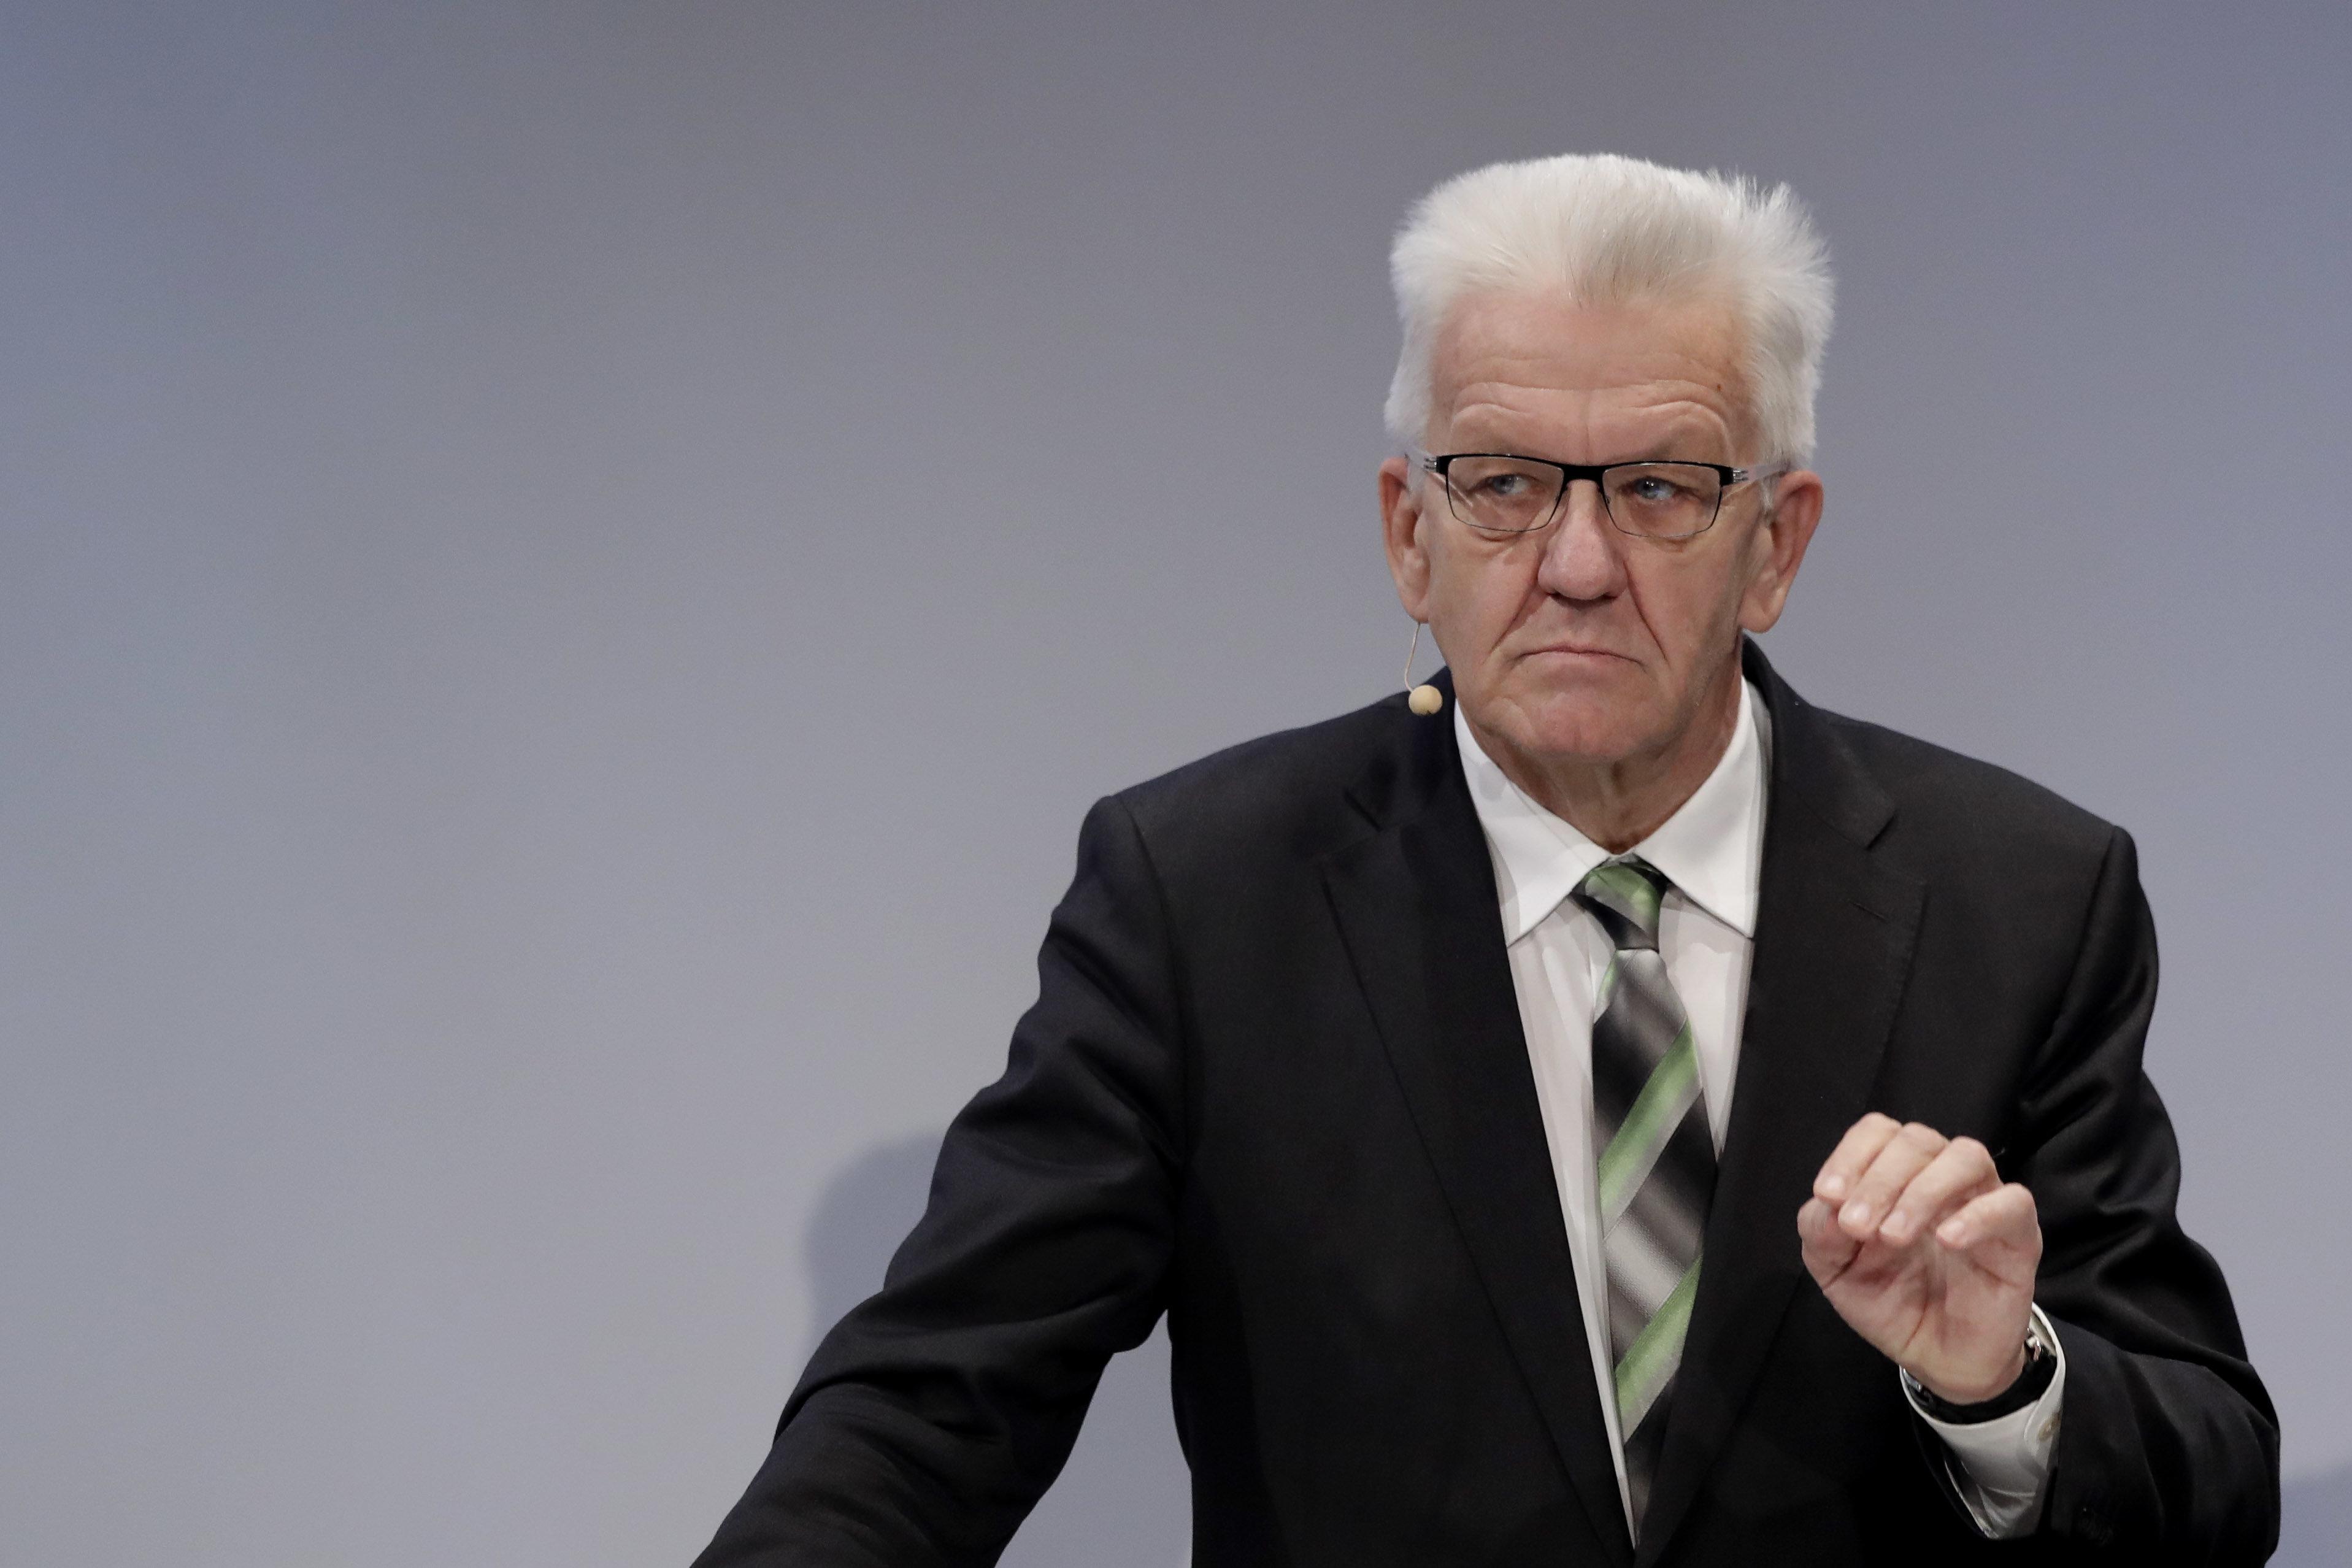 Winfried Kretschmann fliegt mit Helikopter zu Wanderung – SPD-Politiker sind